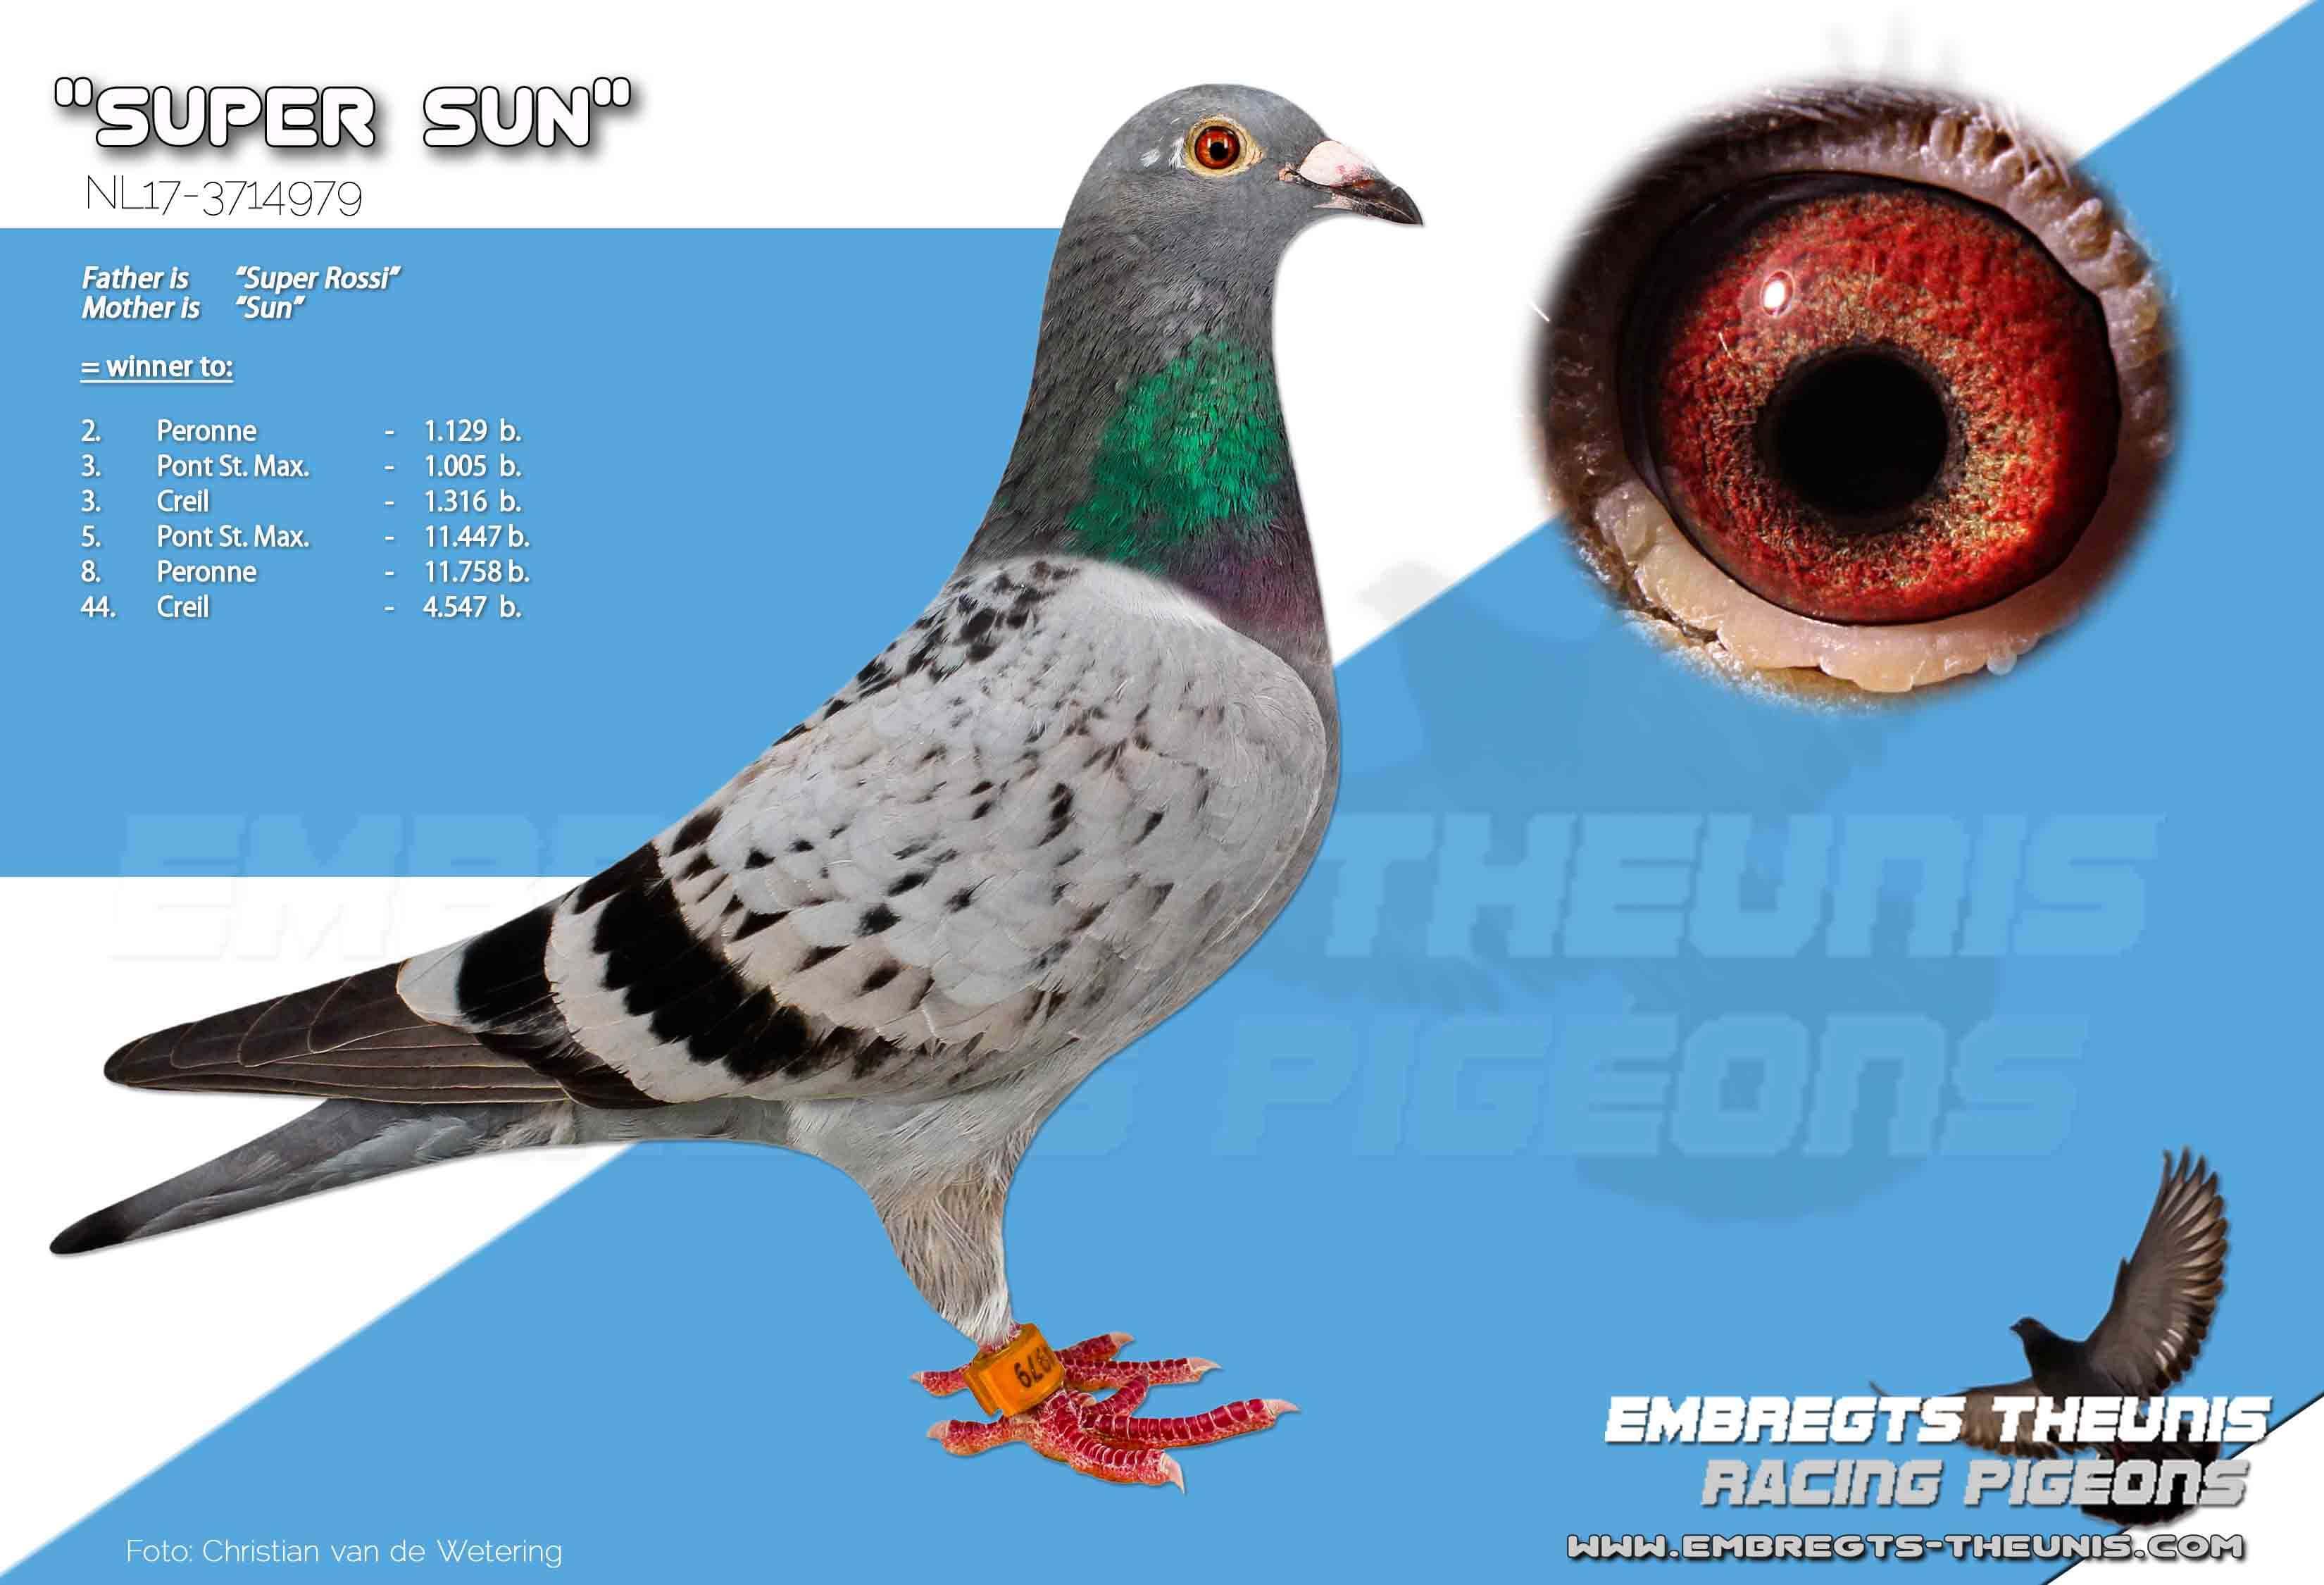 Super-Sun-NL17-3714979